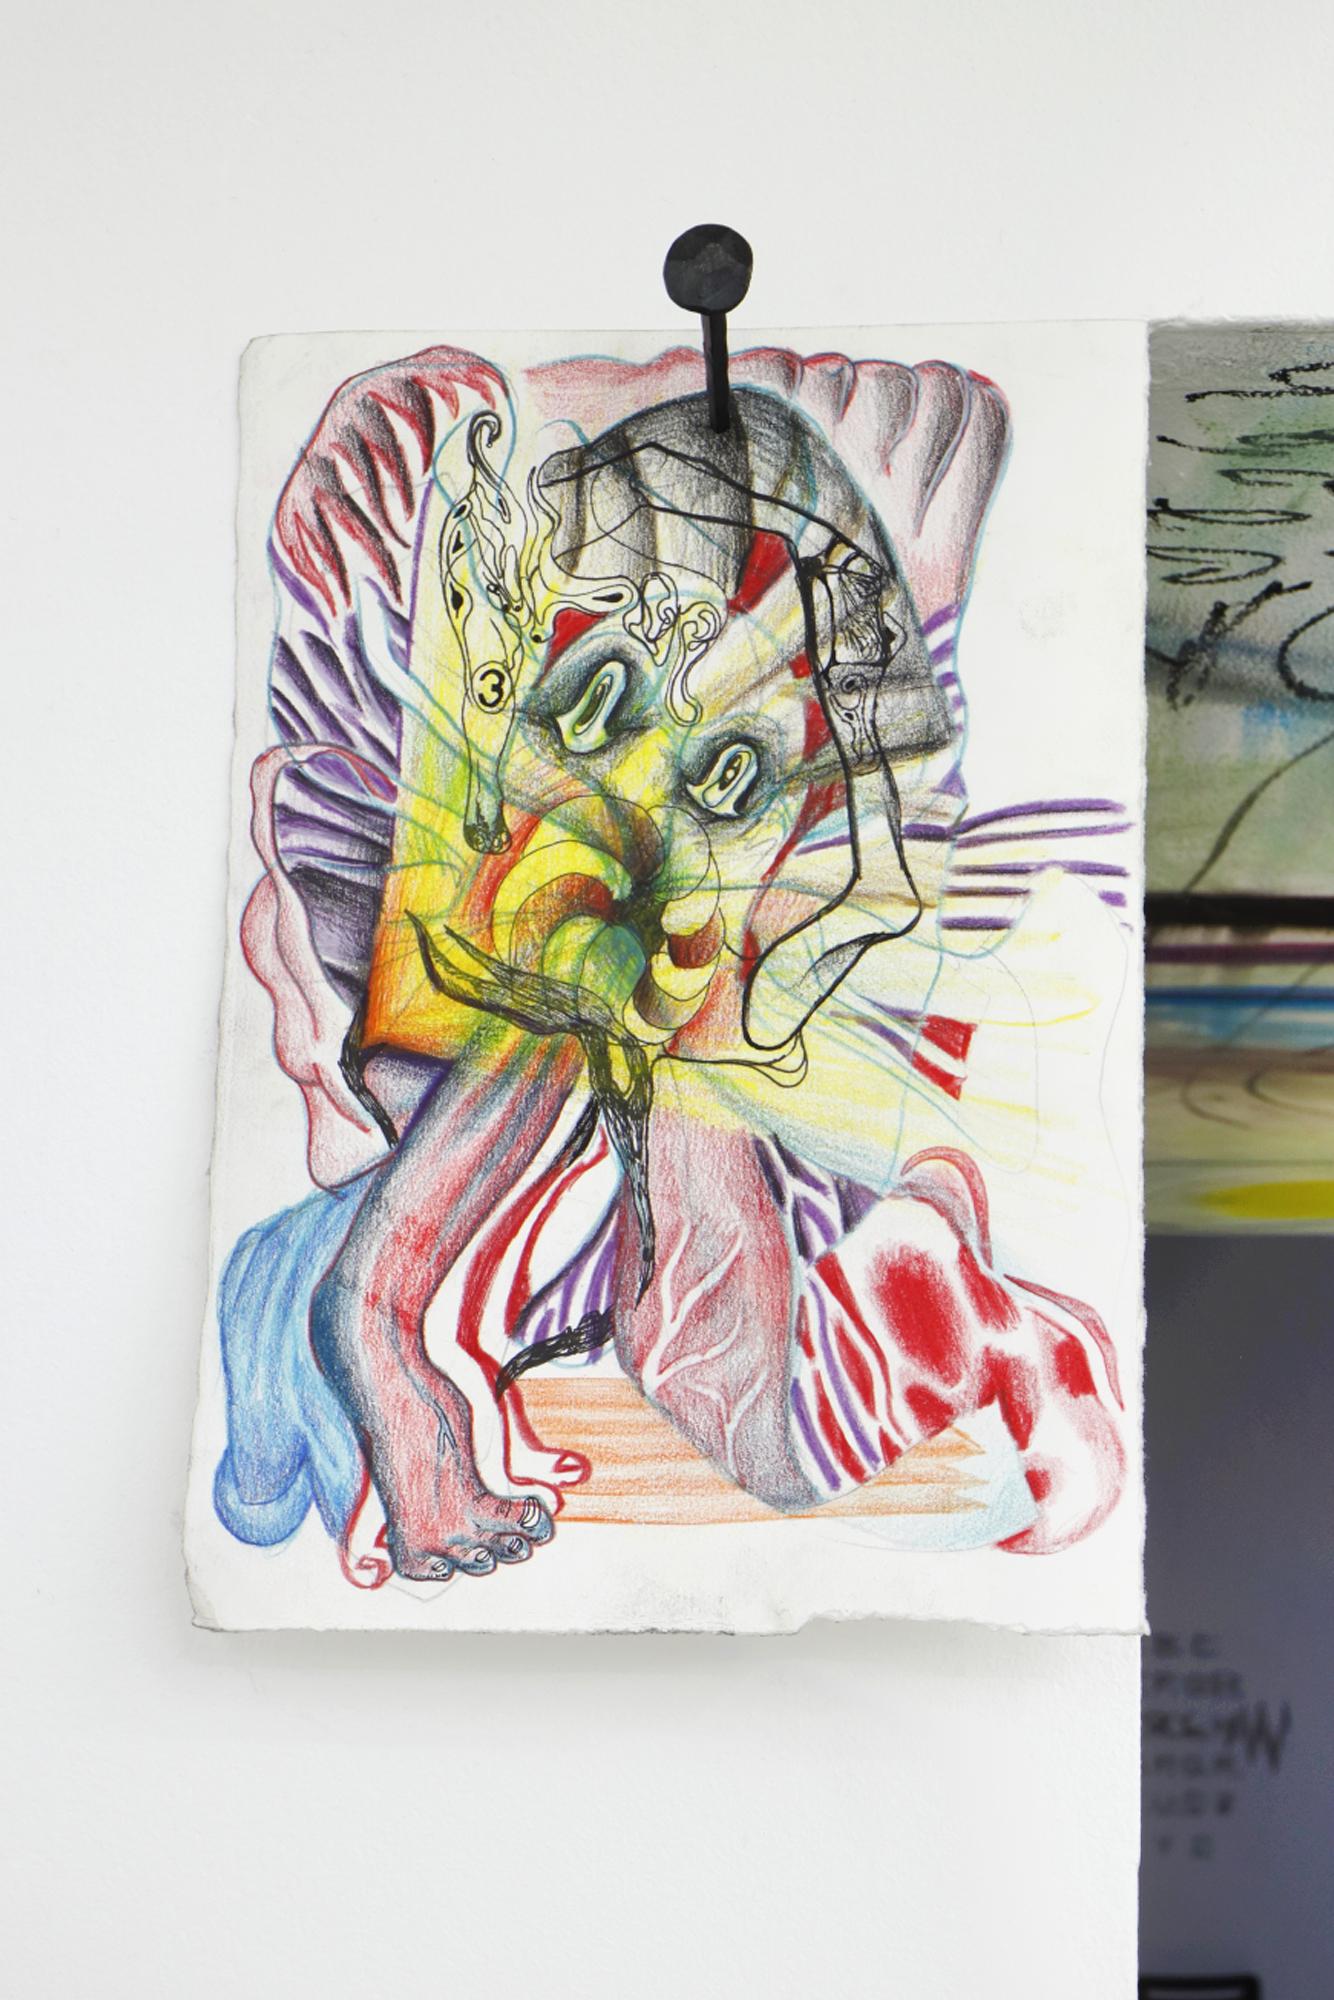 """Bora Akinciturk, Jaakko Pallasvuo, Viktor Timofeev, Evita Vasiļjeva, """"A Very Small Window"""", 2019, mixed medi"""